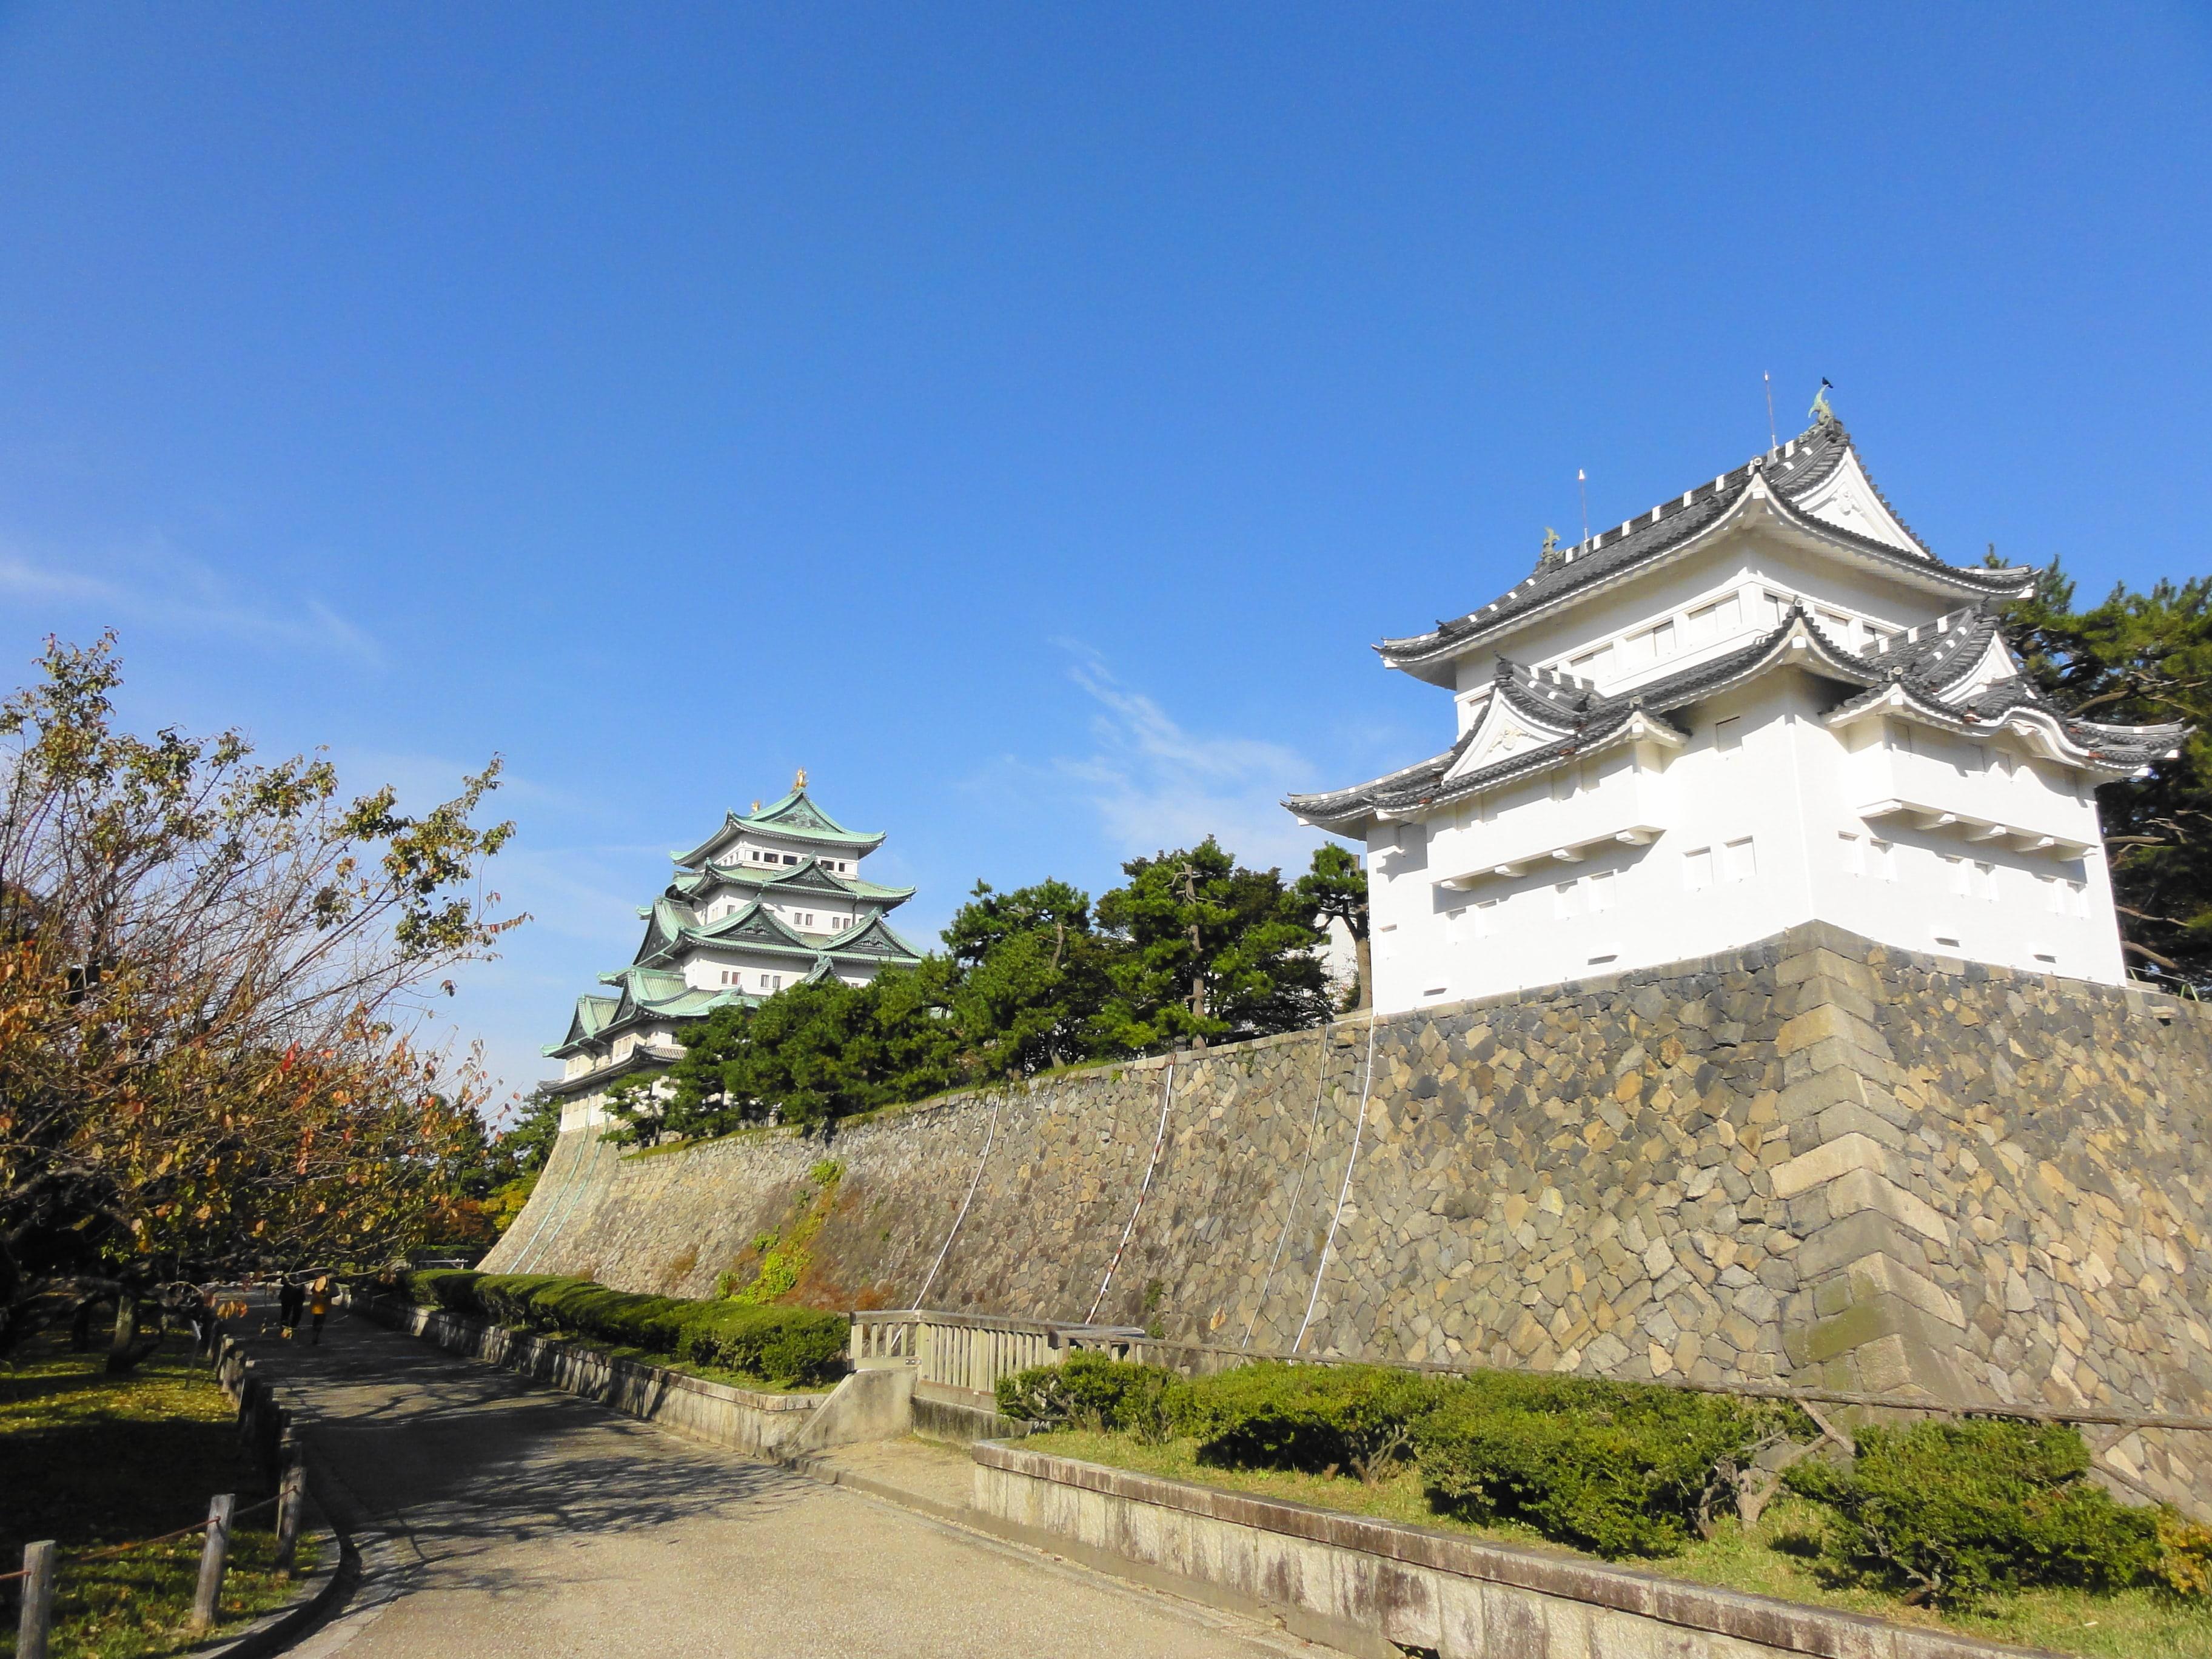 名古屋城大天守閣と西南隅櫓